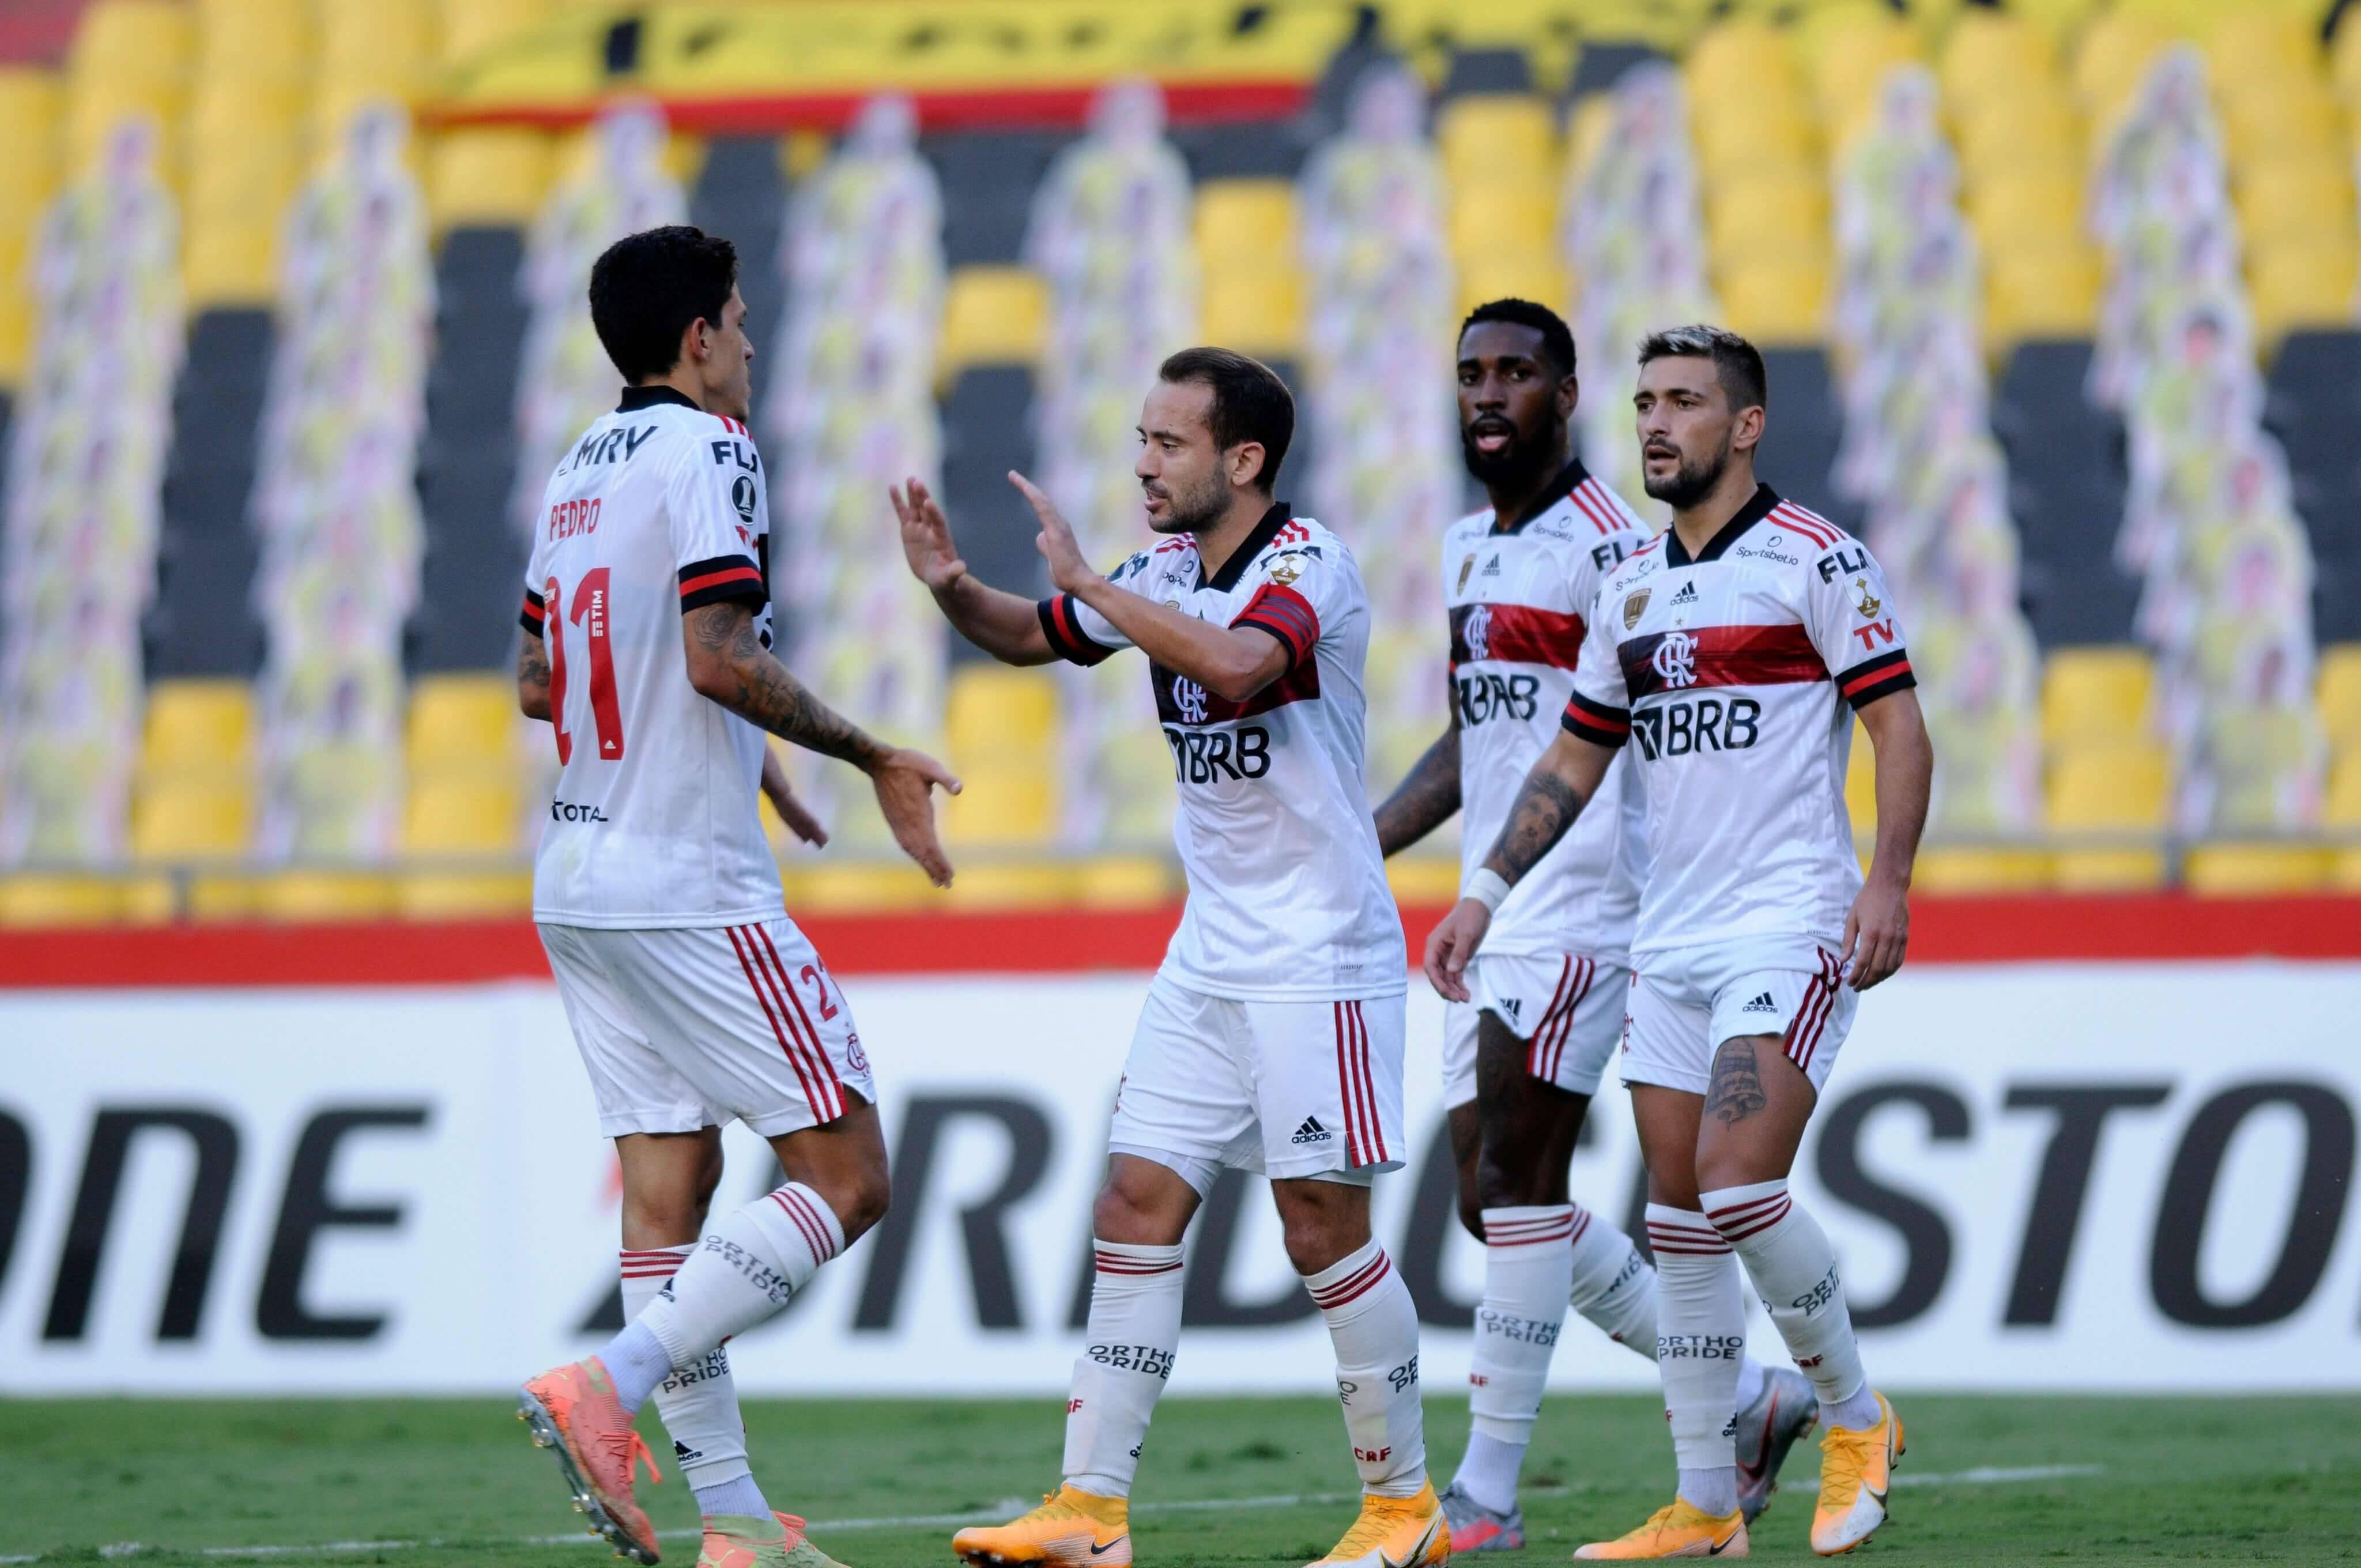 Foto: Reprodução/Twitter Conmebol Libertadores